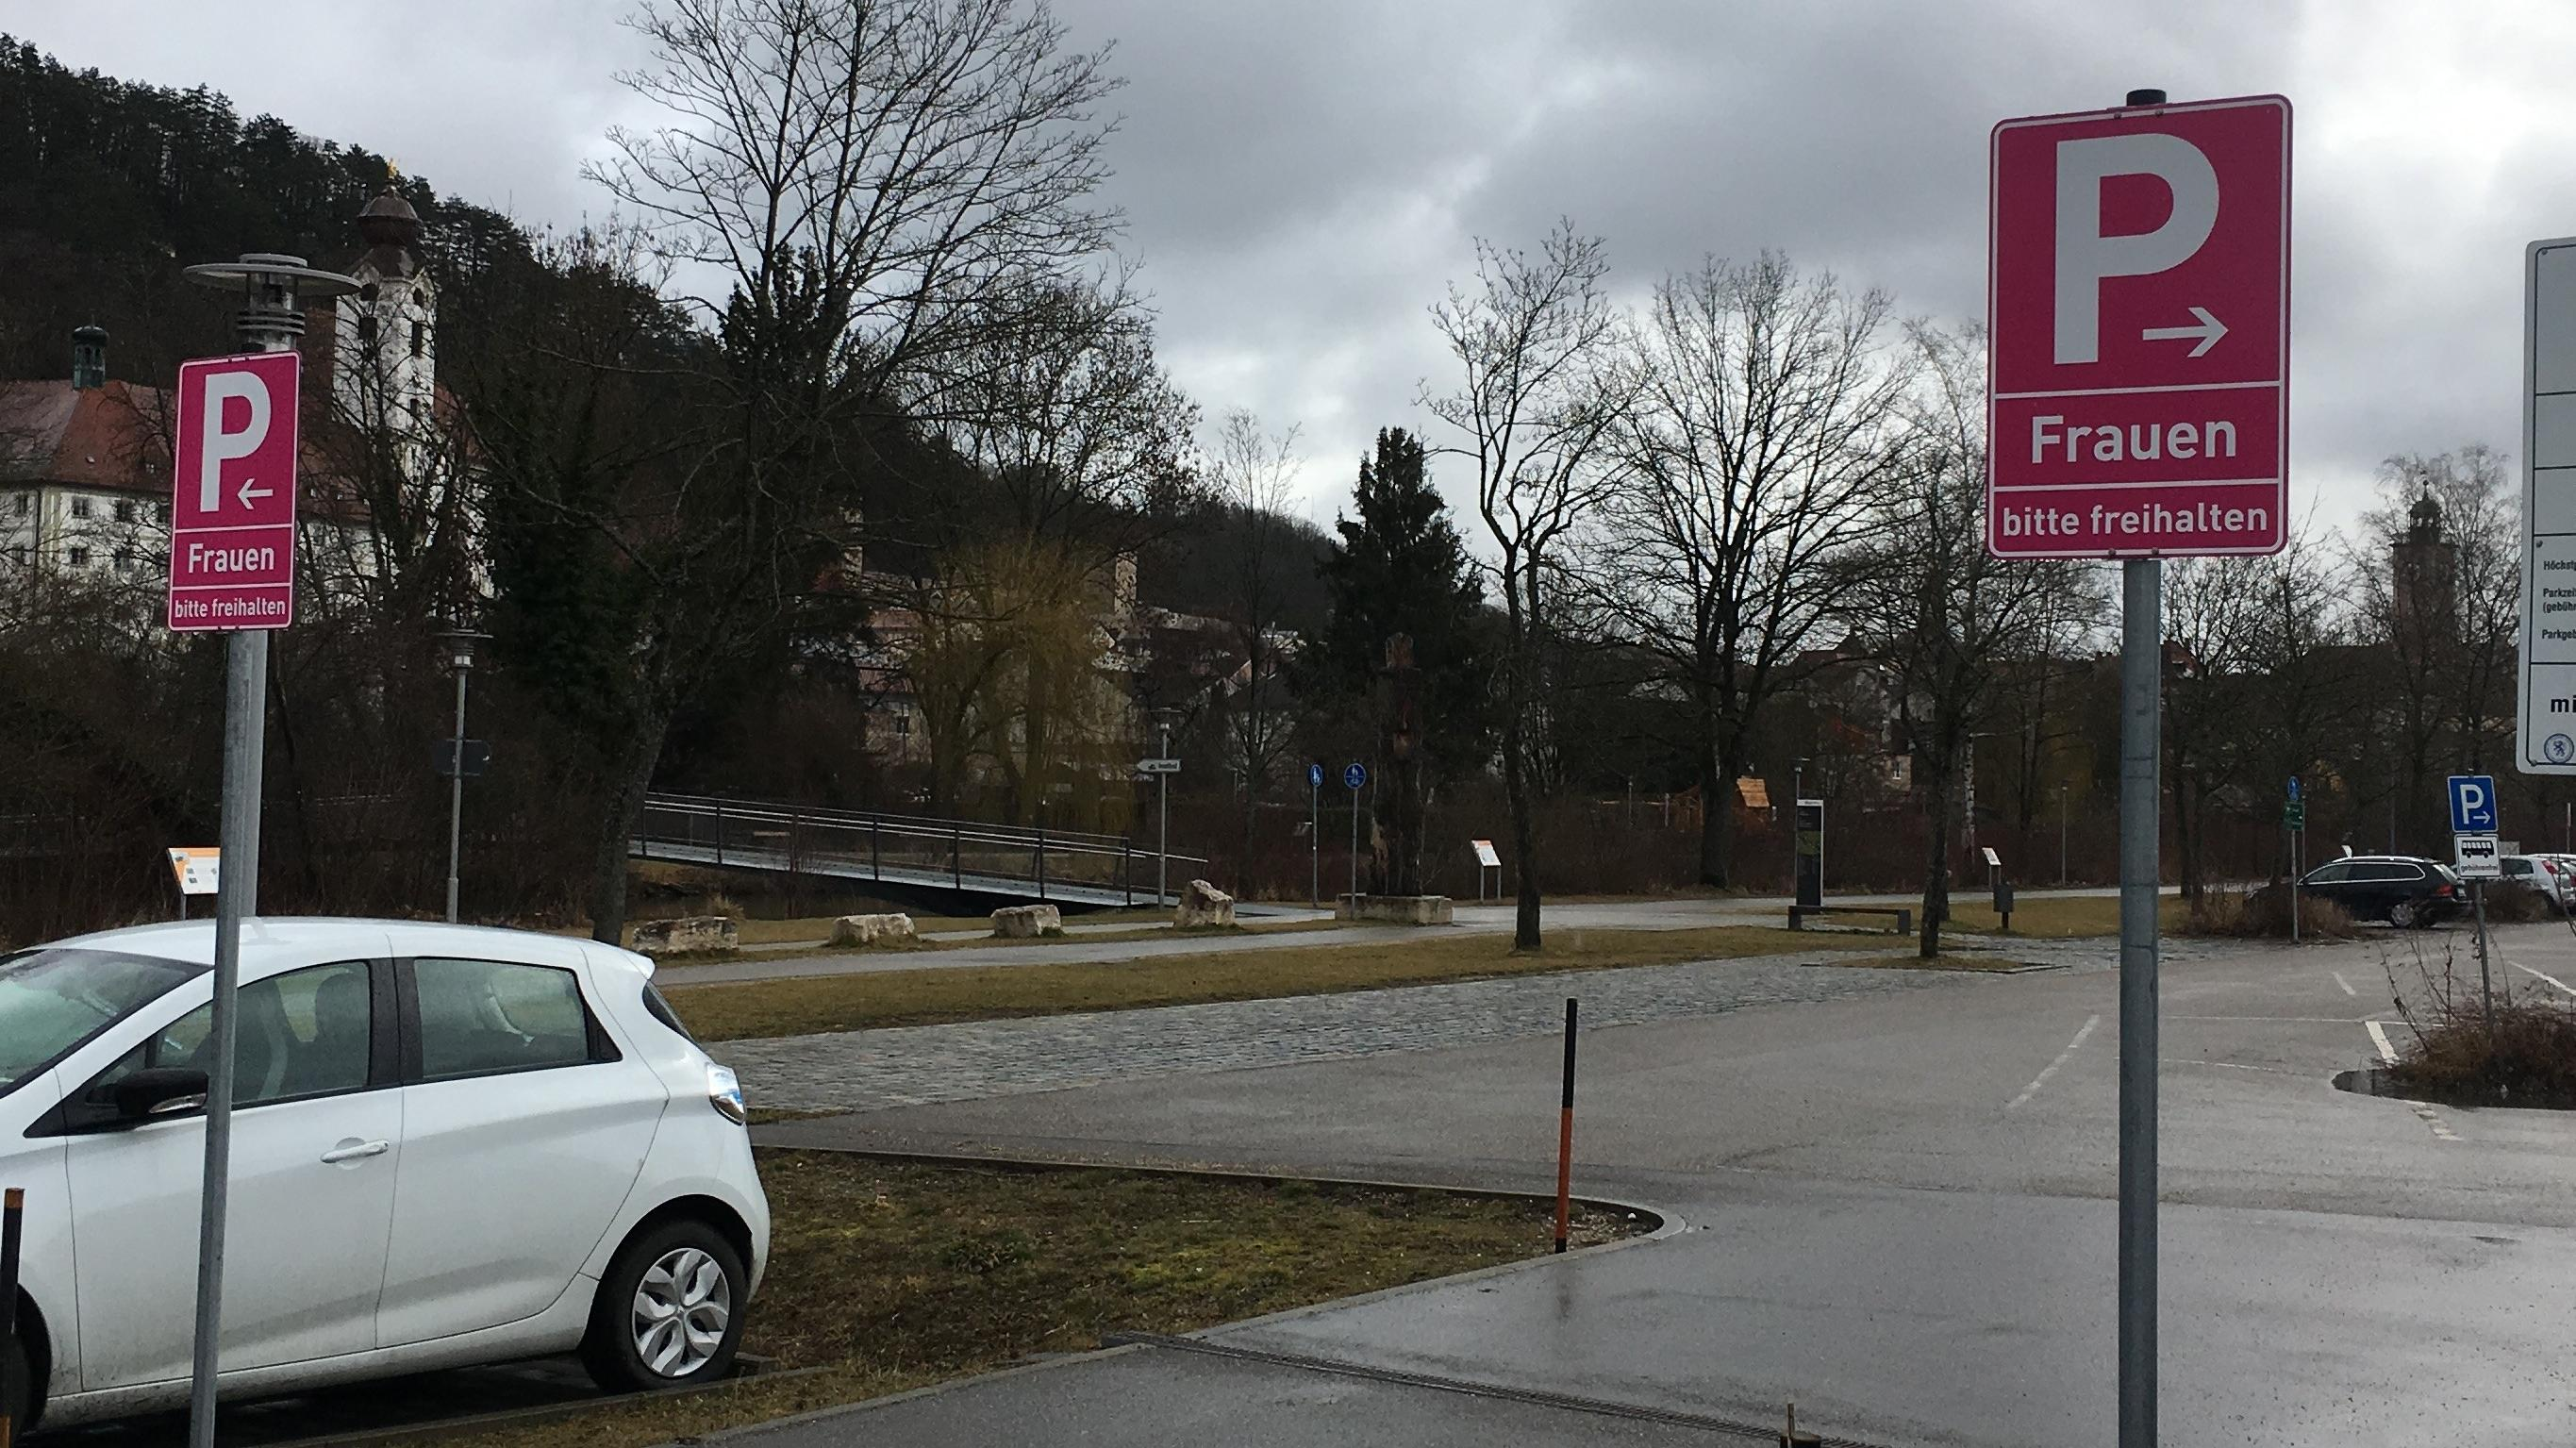 In Eichstätt hängen neue Schilder für Frauenparkplätze - in knalligem Pink.